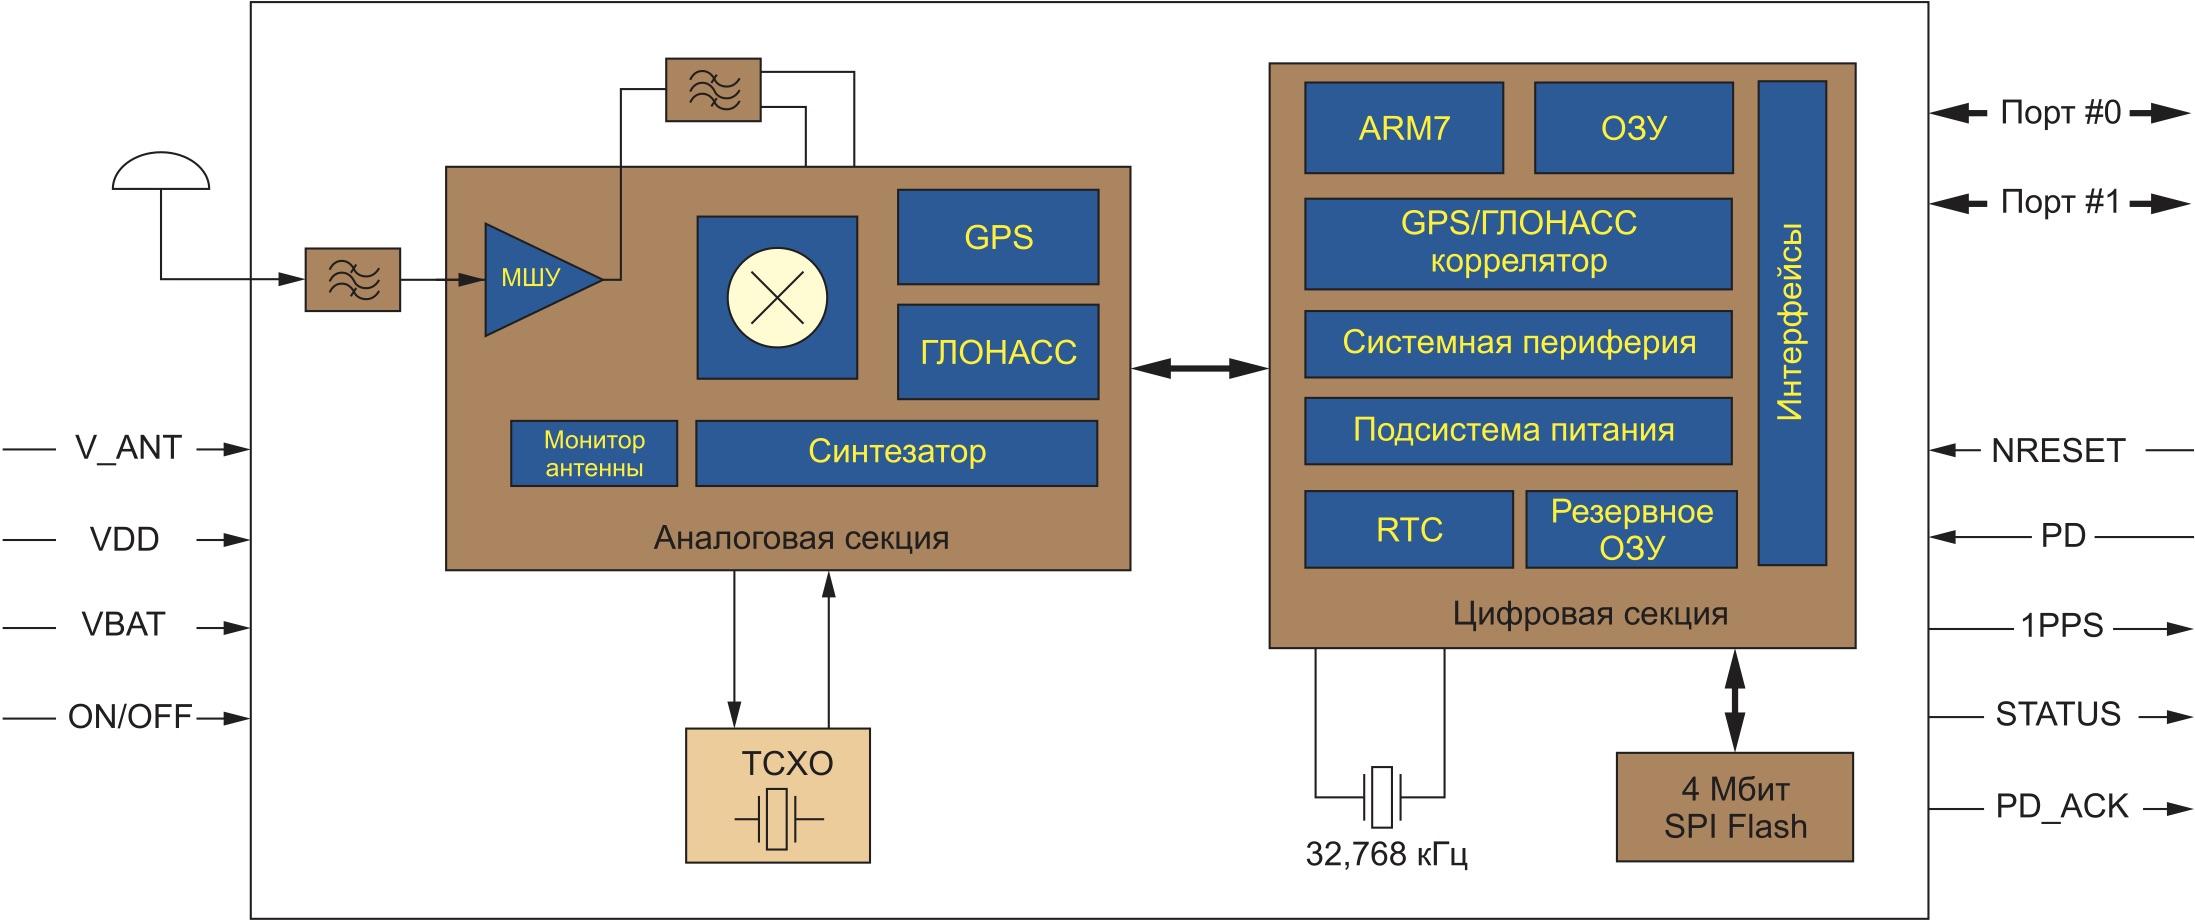 Структурная схема «ГеоС-3Е»